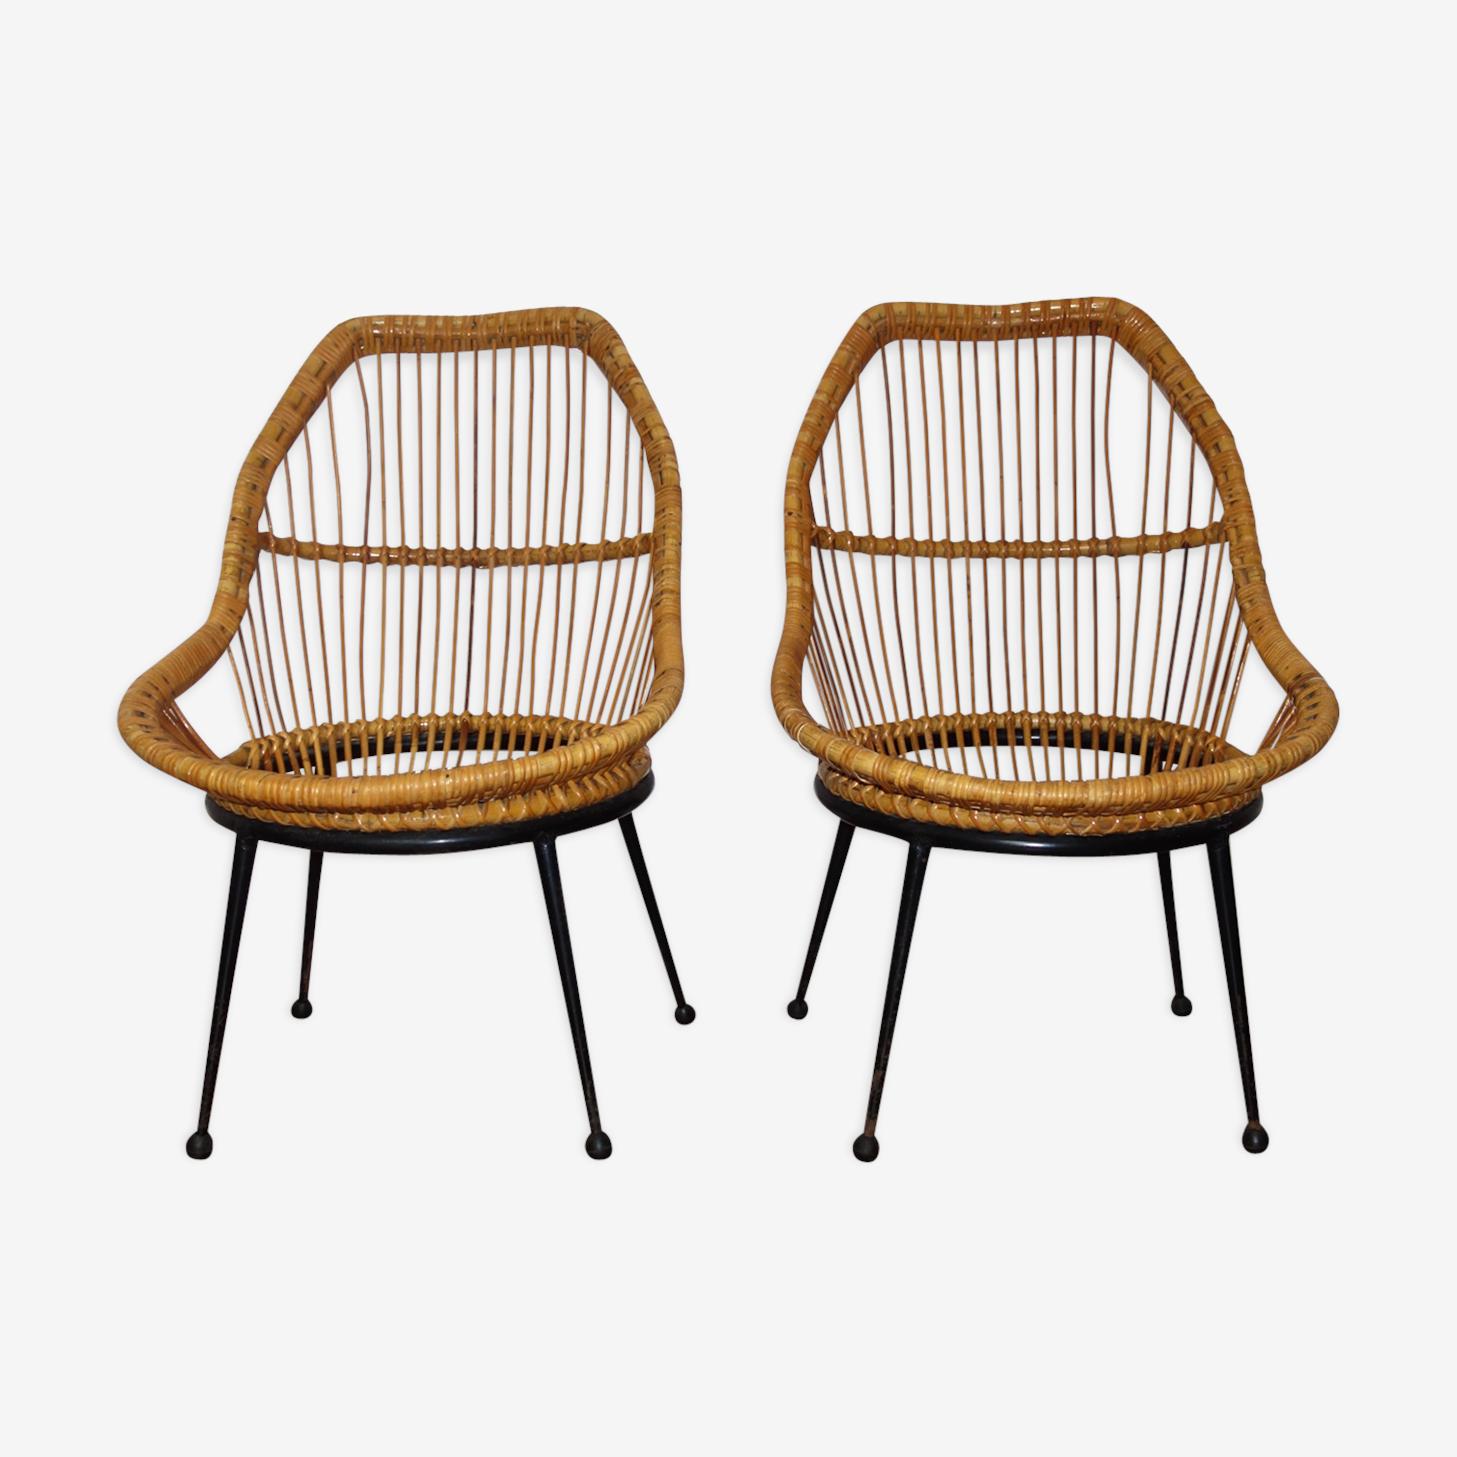 Paire de fauteuils en rotin pieds métal années 1950